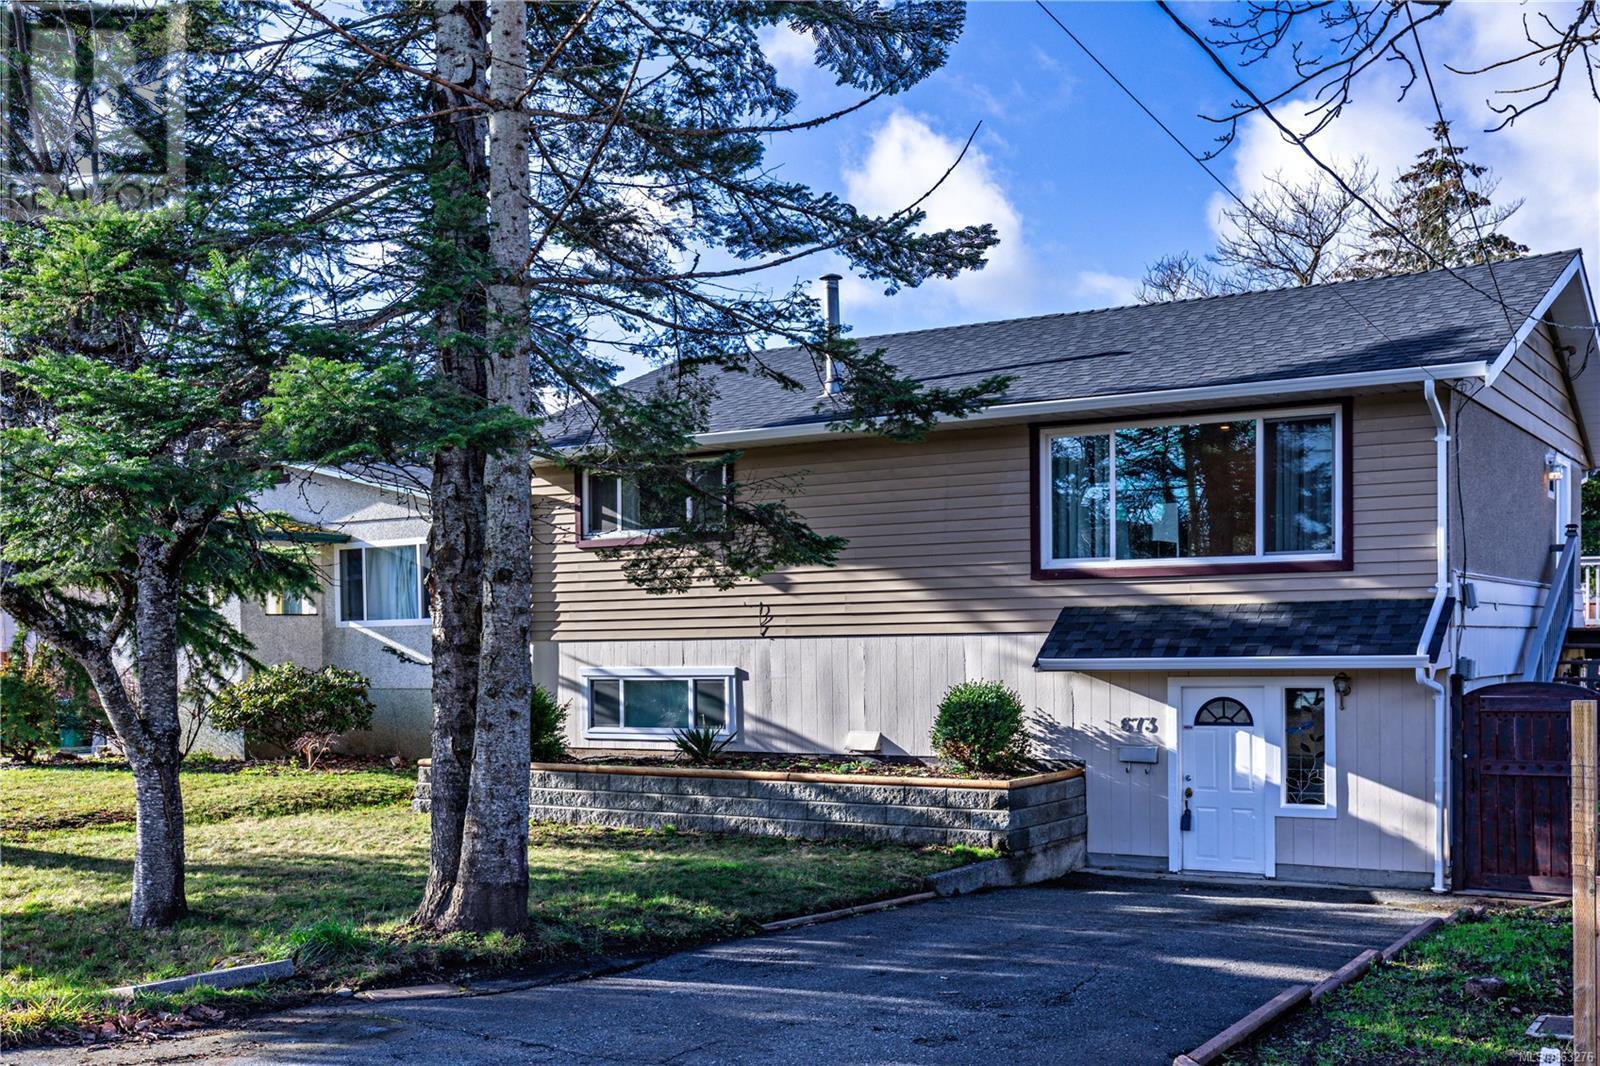 673 Winchester Ave, nanaimo, British Columbia